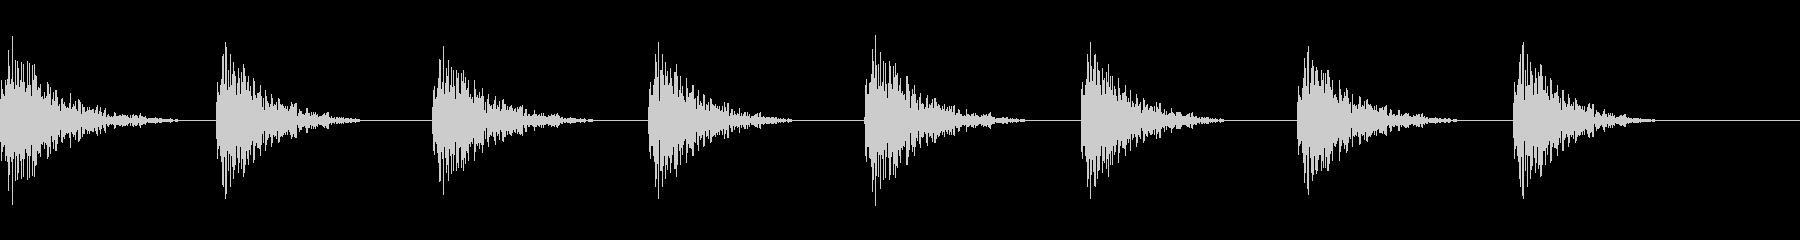 どすん(巨人、歩く、足音)A10の未再生の波形